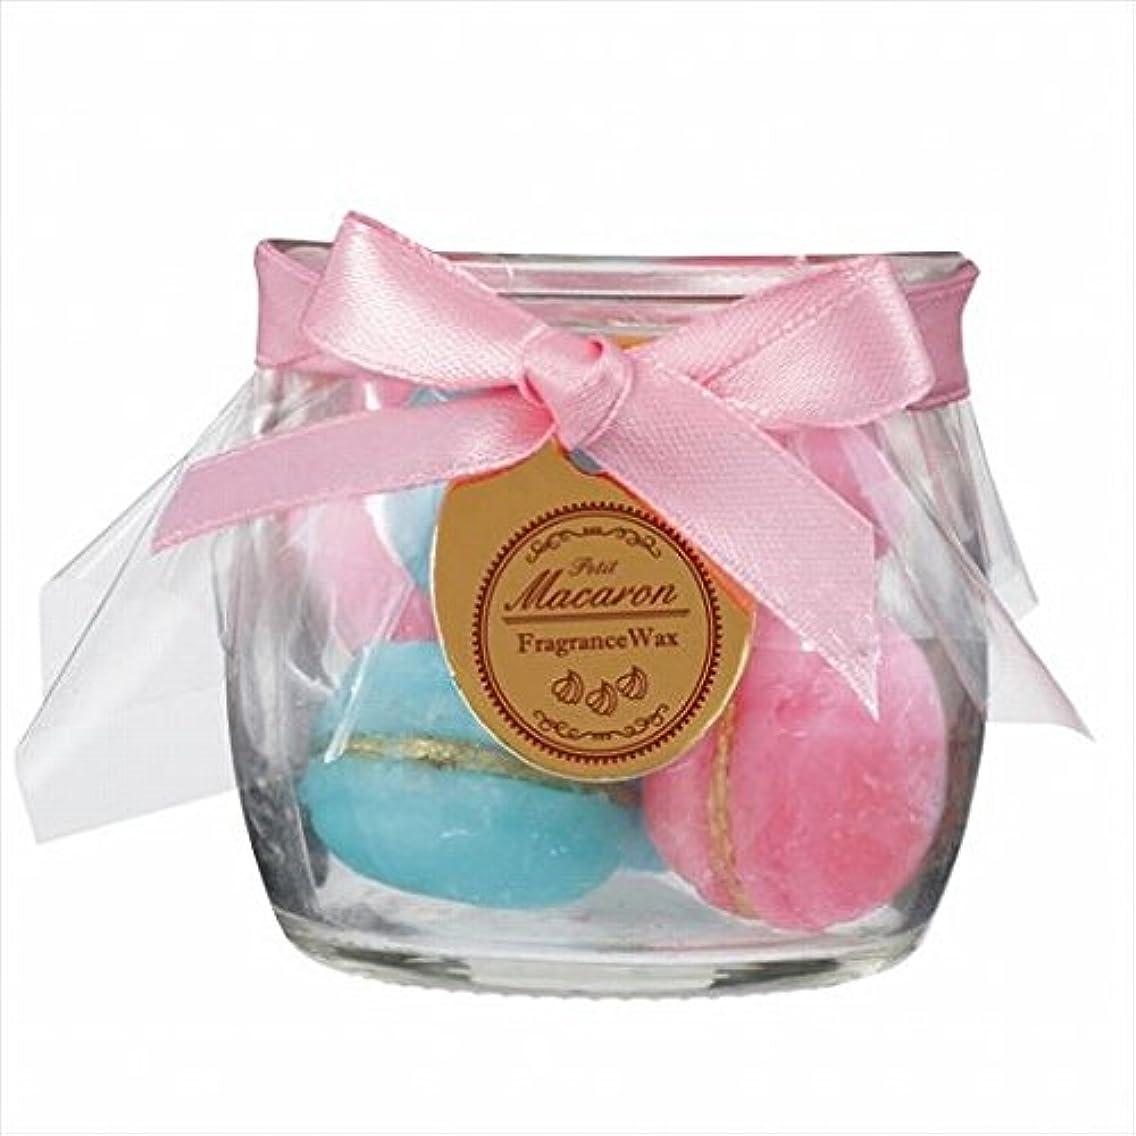 のれん献身優しいスイーツキャンドル( sweets candle ) プチマカロンフレグランス 「 ピーチ 」 キャンドル